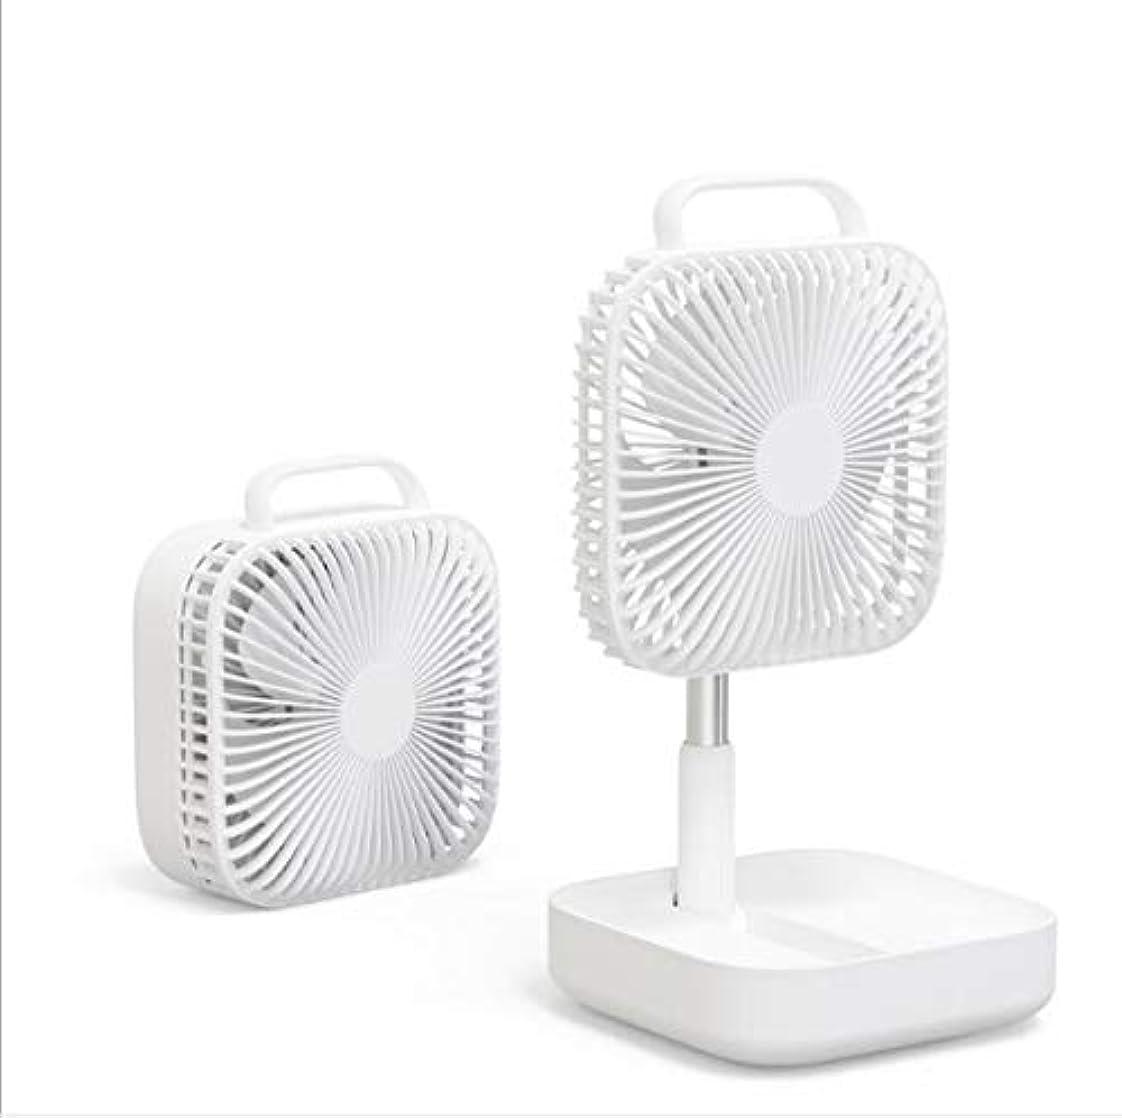 出身地ジョージバーナードニュースファン伸縮折りたたみファンホームデスクトップランディングサイレントファンの空気冷却器夏デスクトップ階のファッションファンのポータブルUSB充電,白